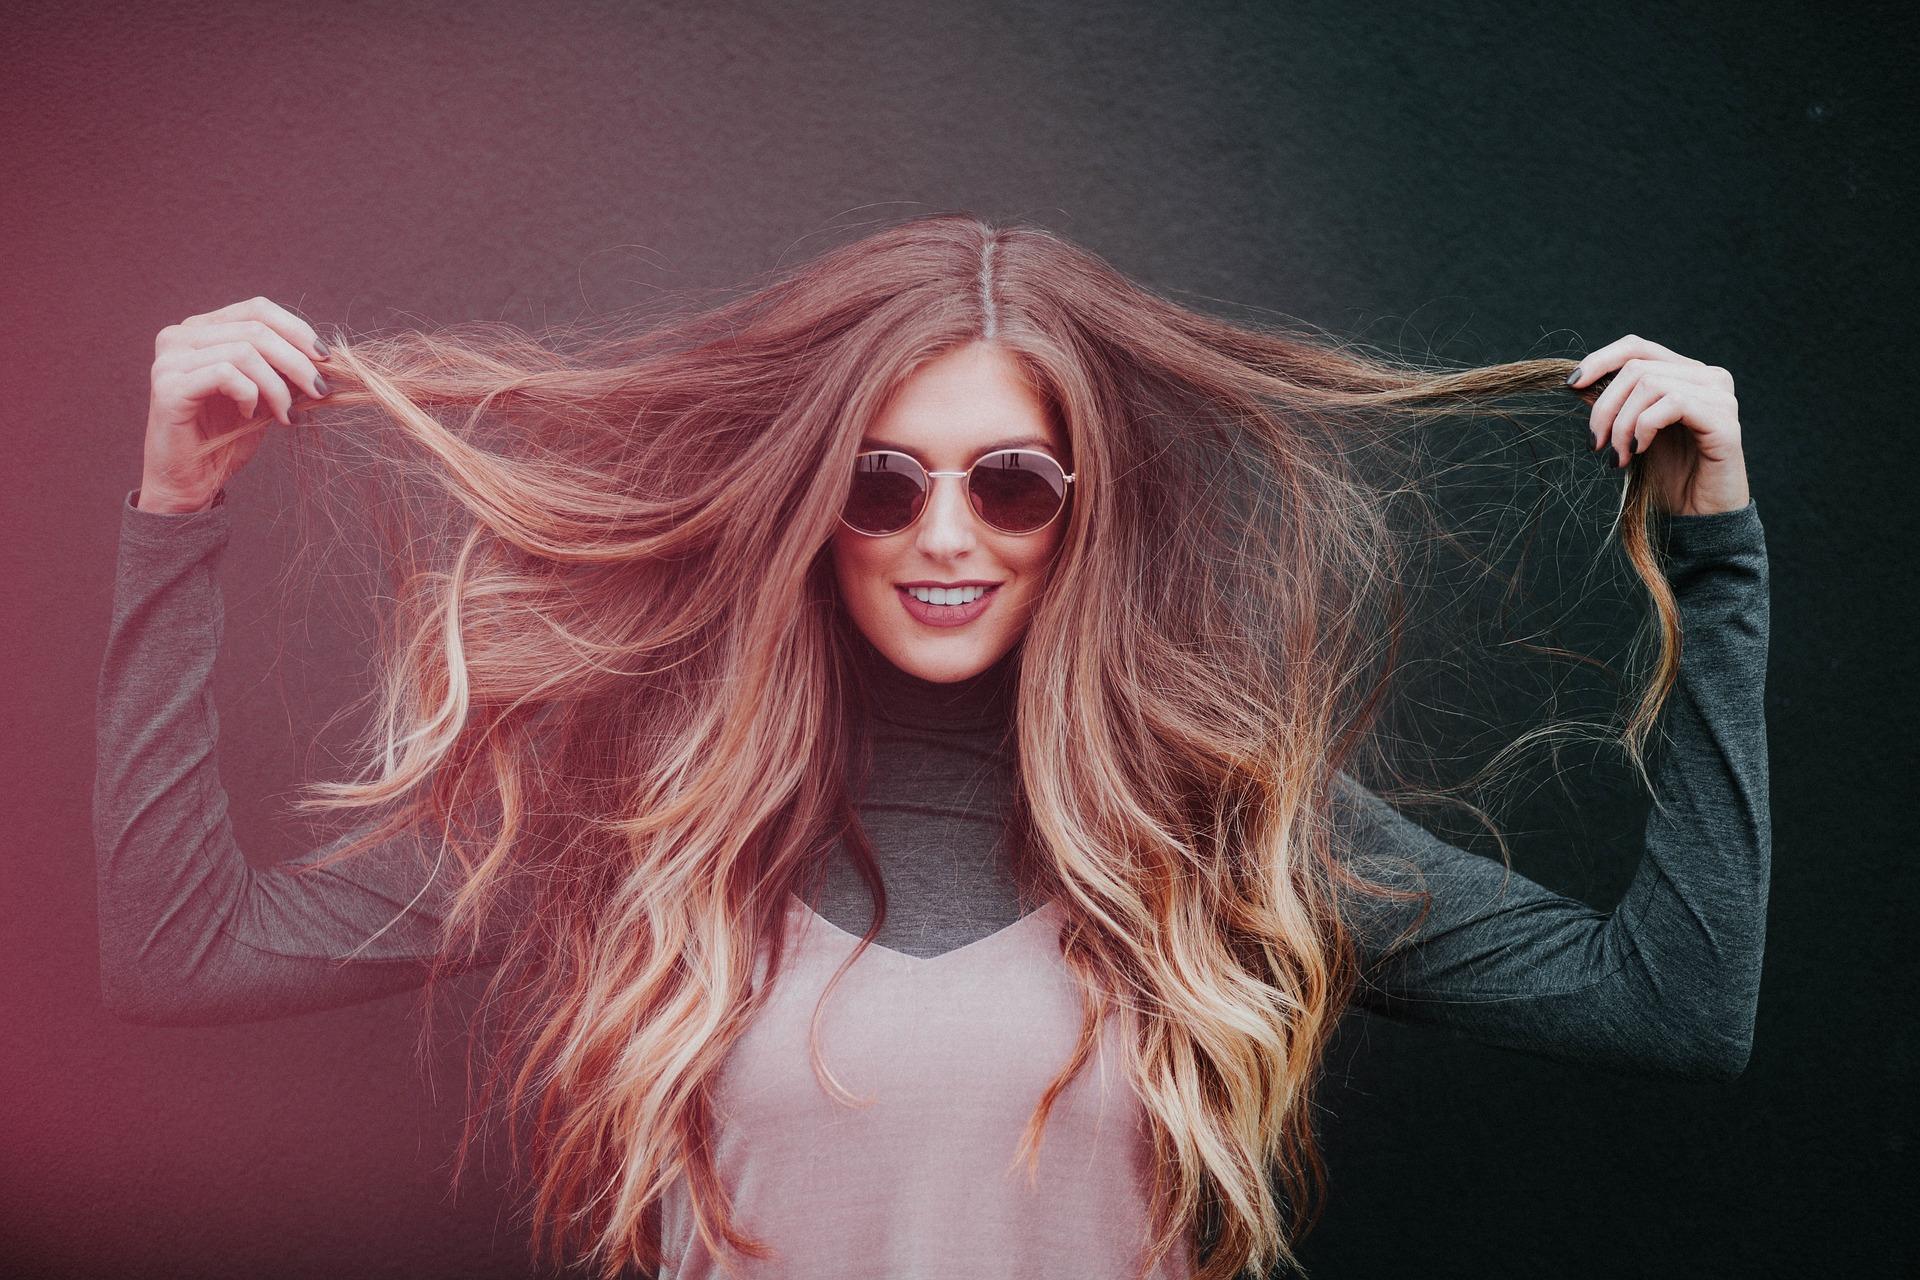 Frau im modischen Look mit Sonnenbrille